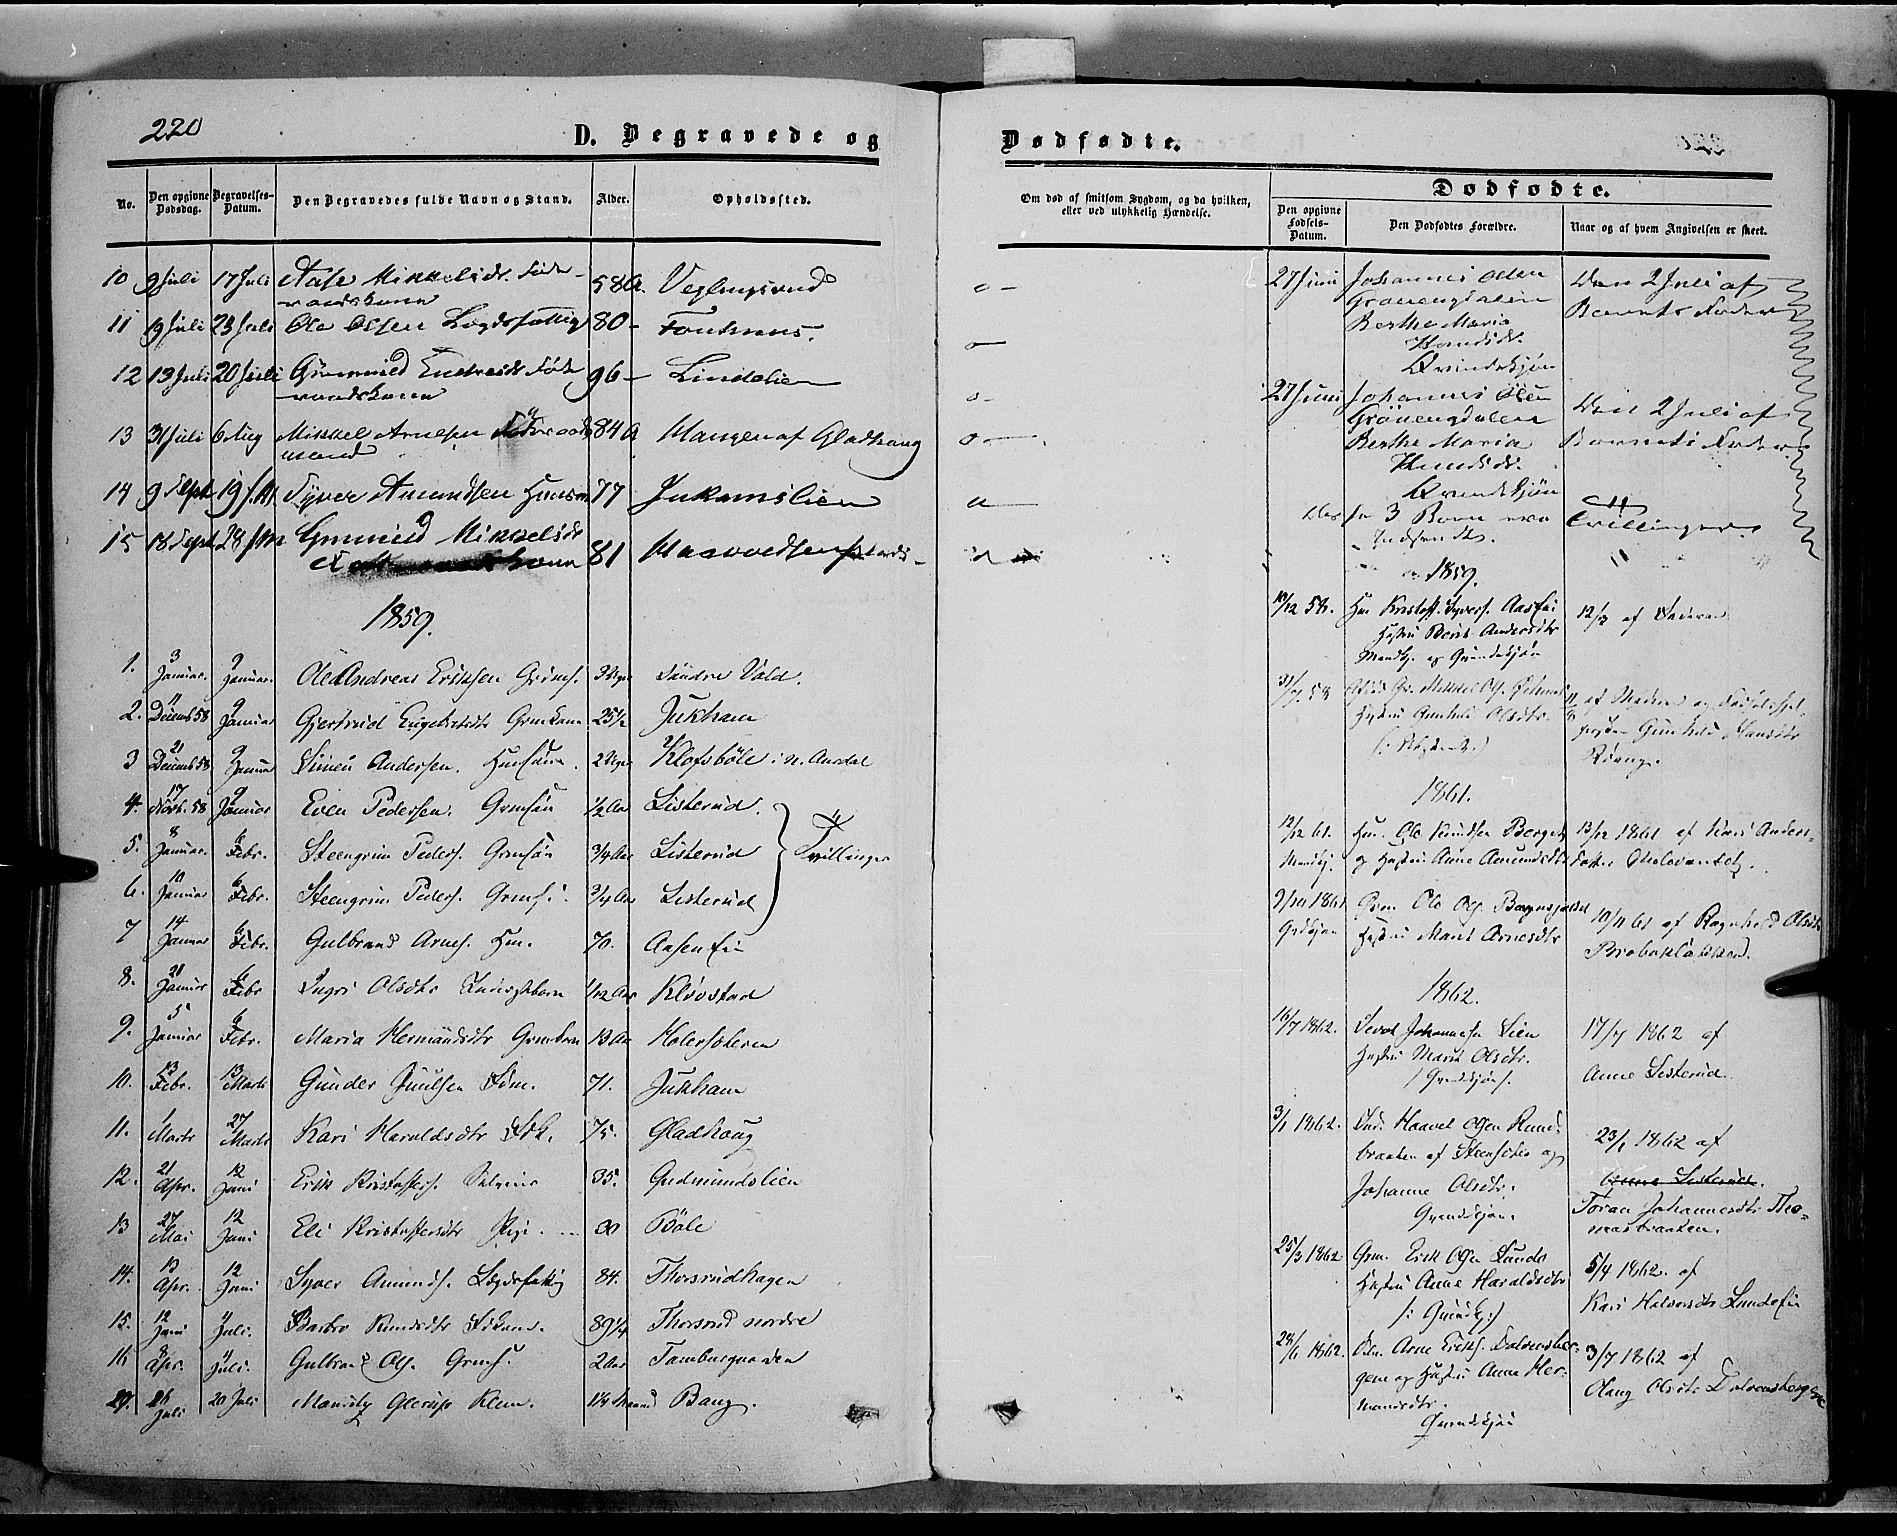 SAH, Sør-Aurdal prestekontor, Ministerialbok nr. 5, 1849-1876, s. 220